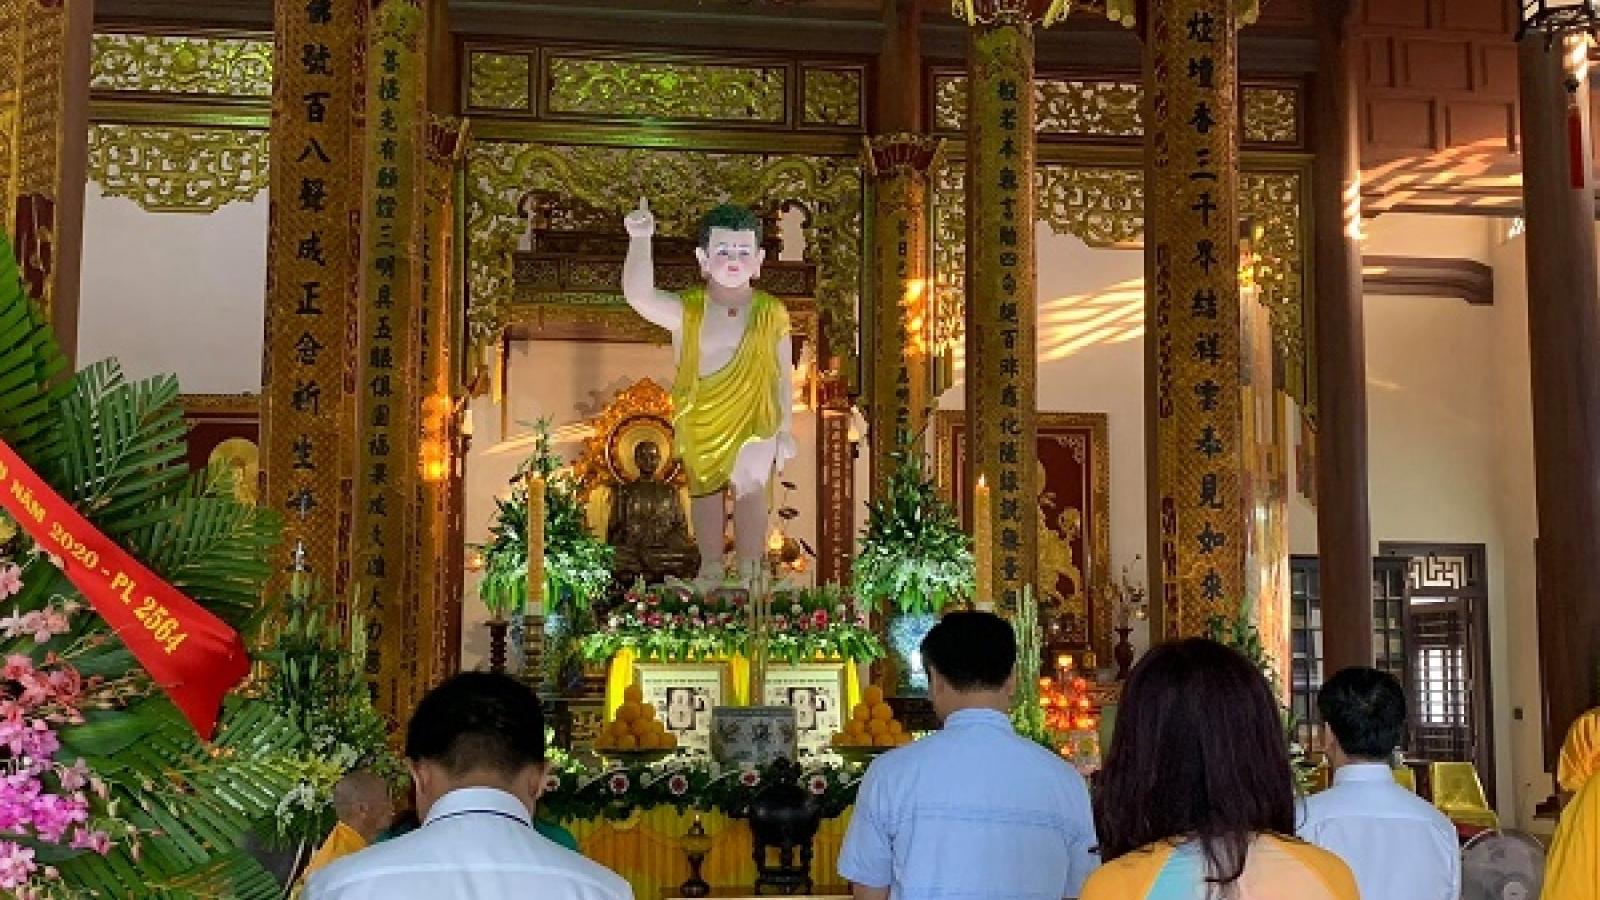 Huế tổ chức Đại lễ Phật đản Phật lịch 2564 an lạc, gọn nhẹ